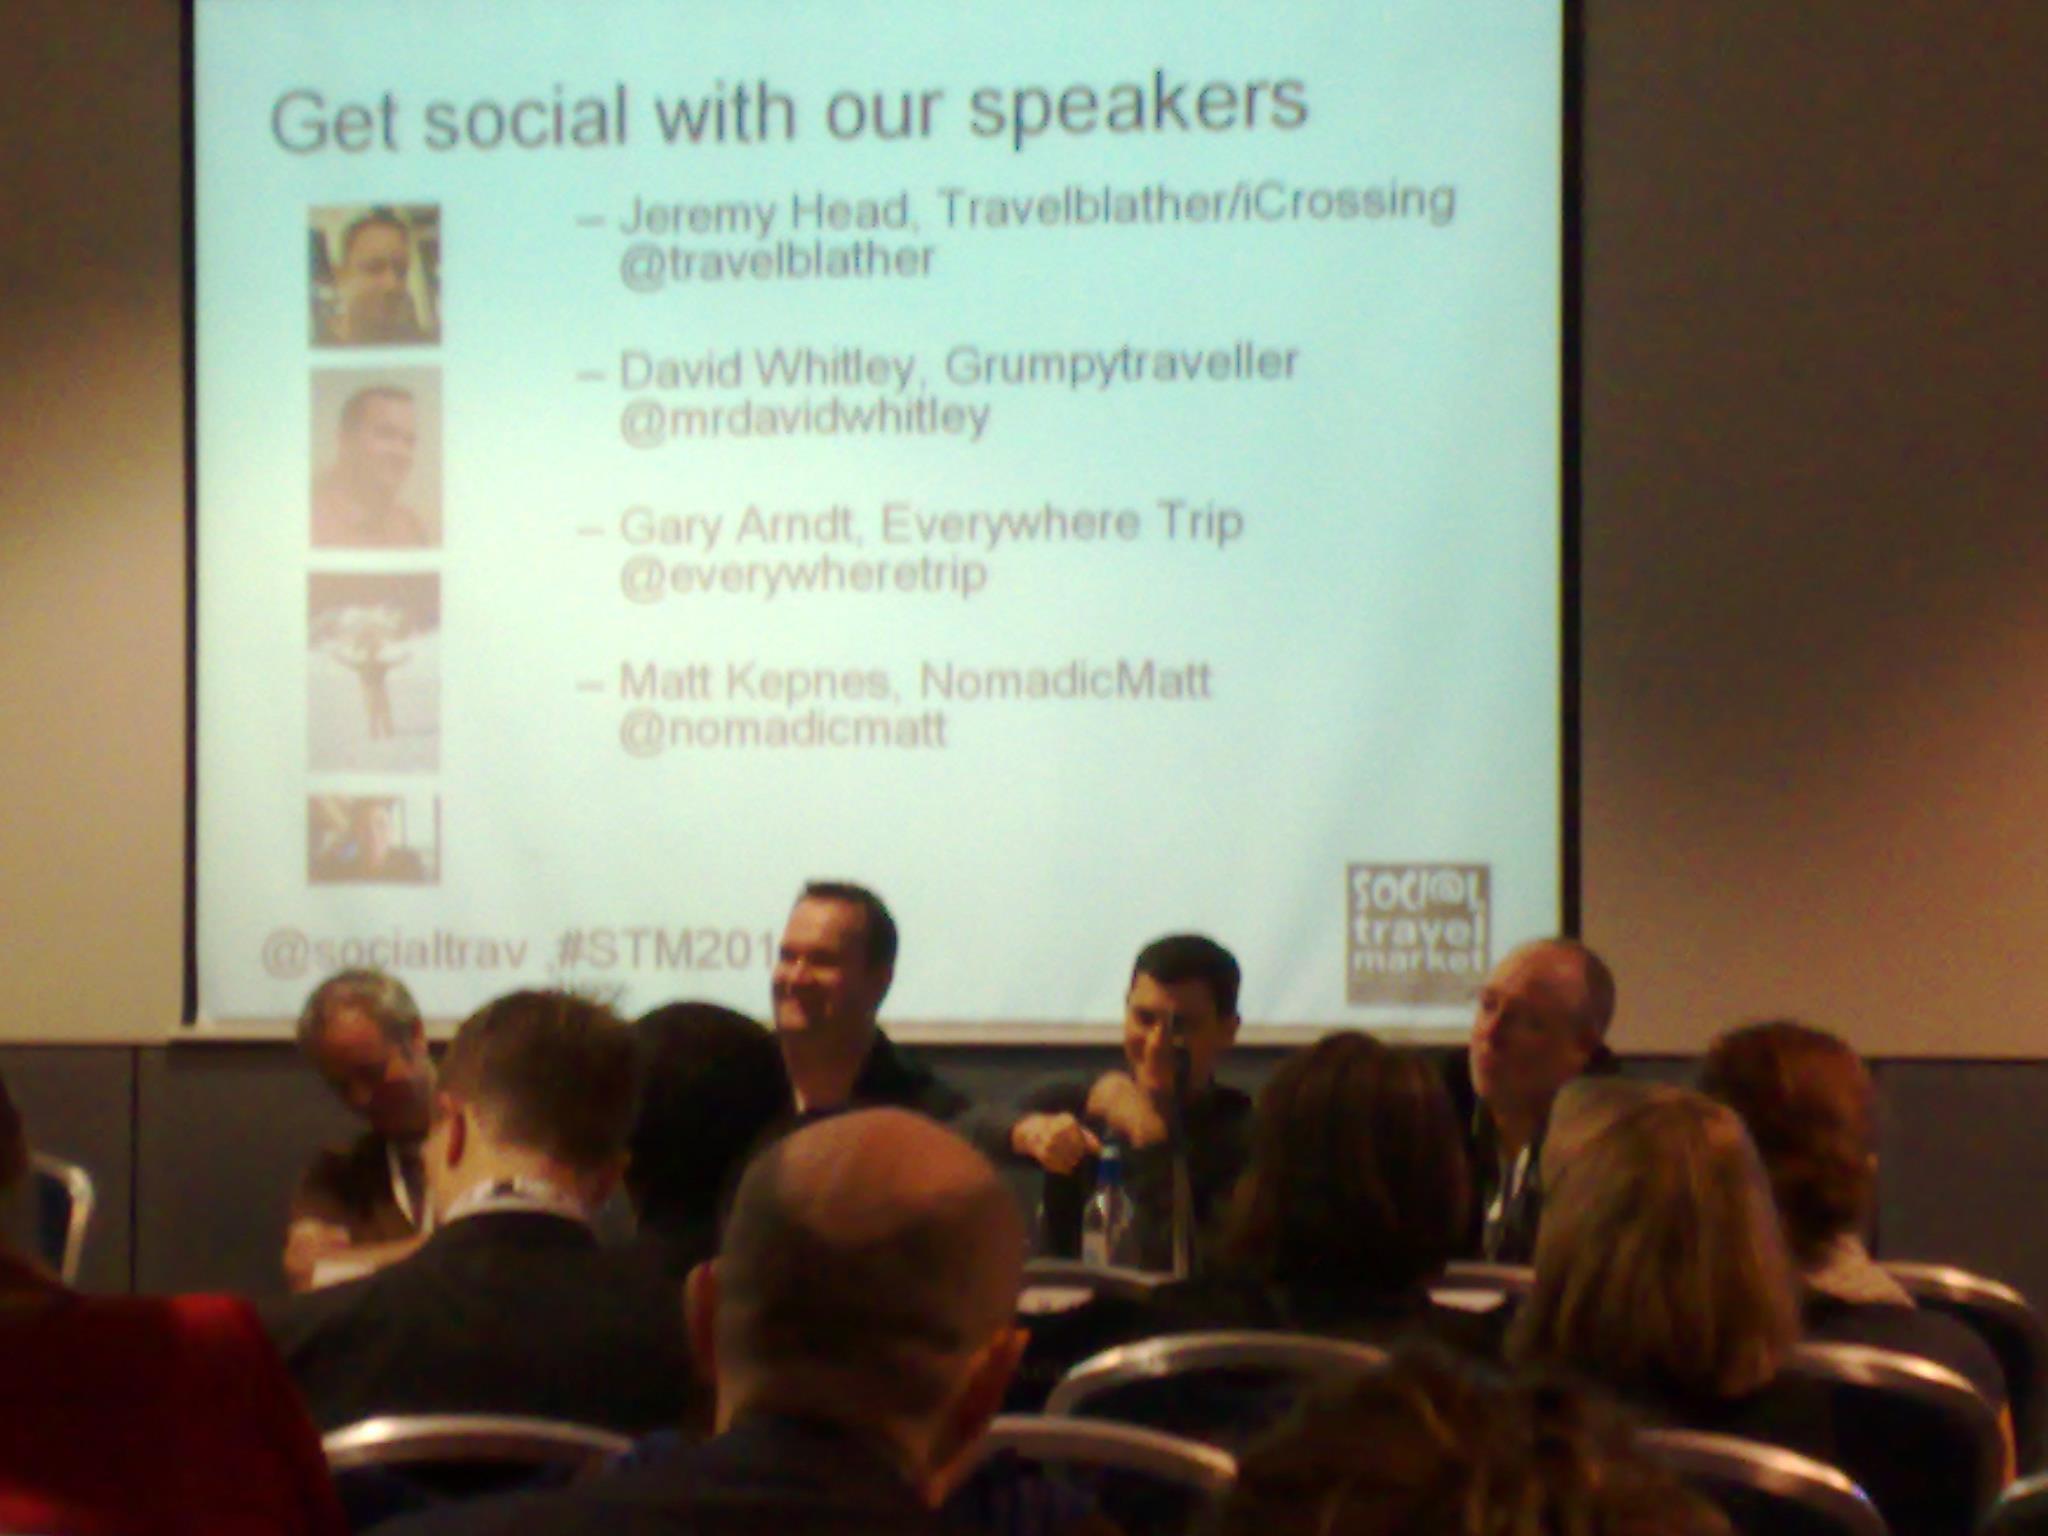 Conferencia Social Media de Turismo